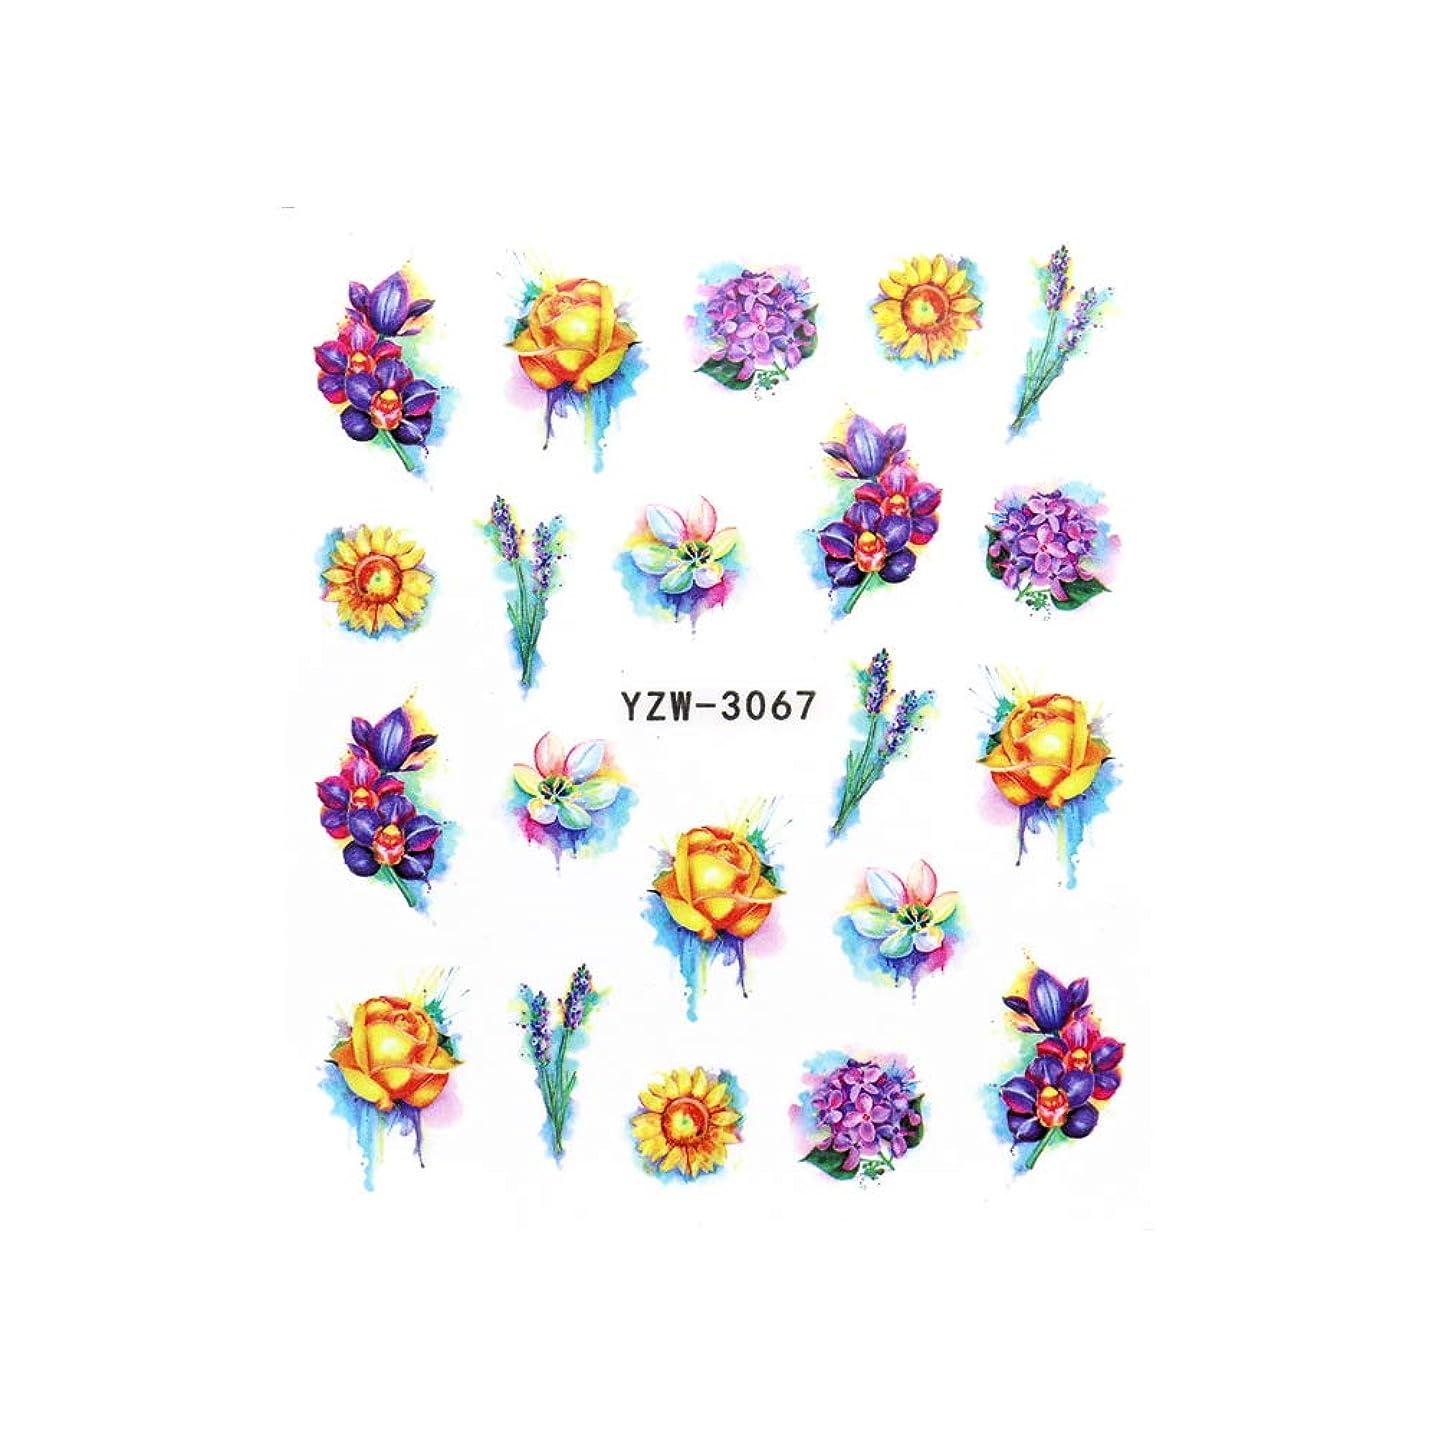 滅びる女の子戻すネイルシール ビビッドフラワーシール 花柄ネイル 押し花 薔薇 ローズ あじさい ひまわり ネイルアート